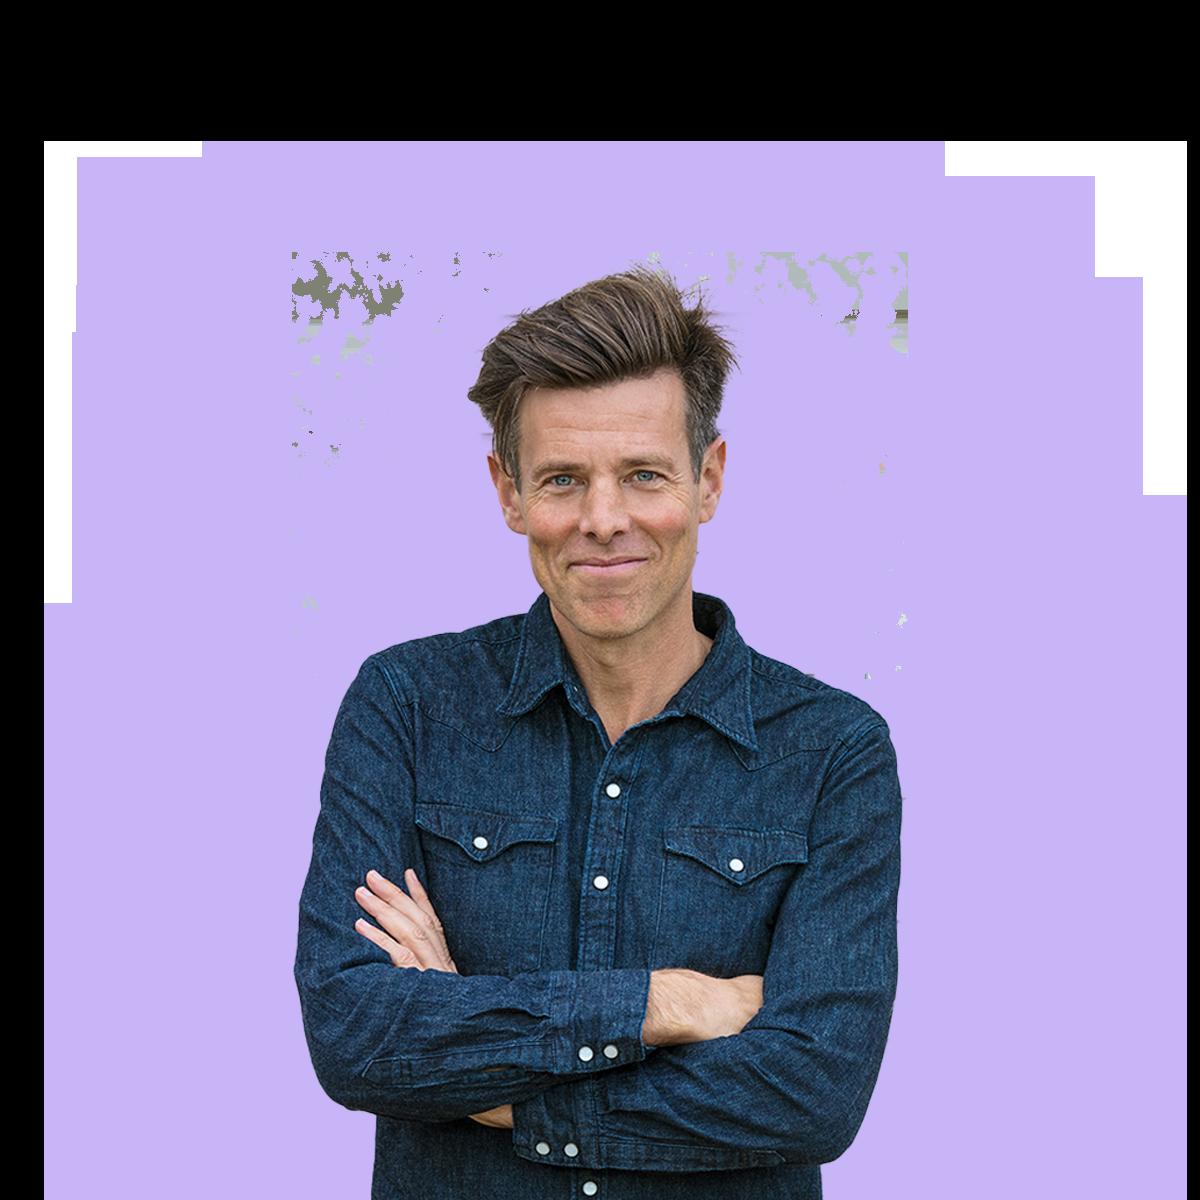 Man in denim shirt with a purple splash behind him